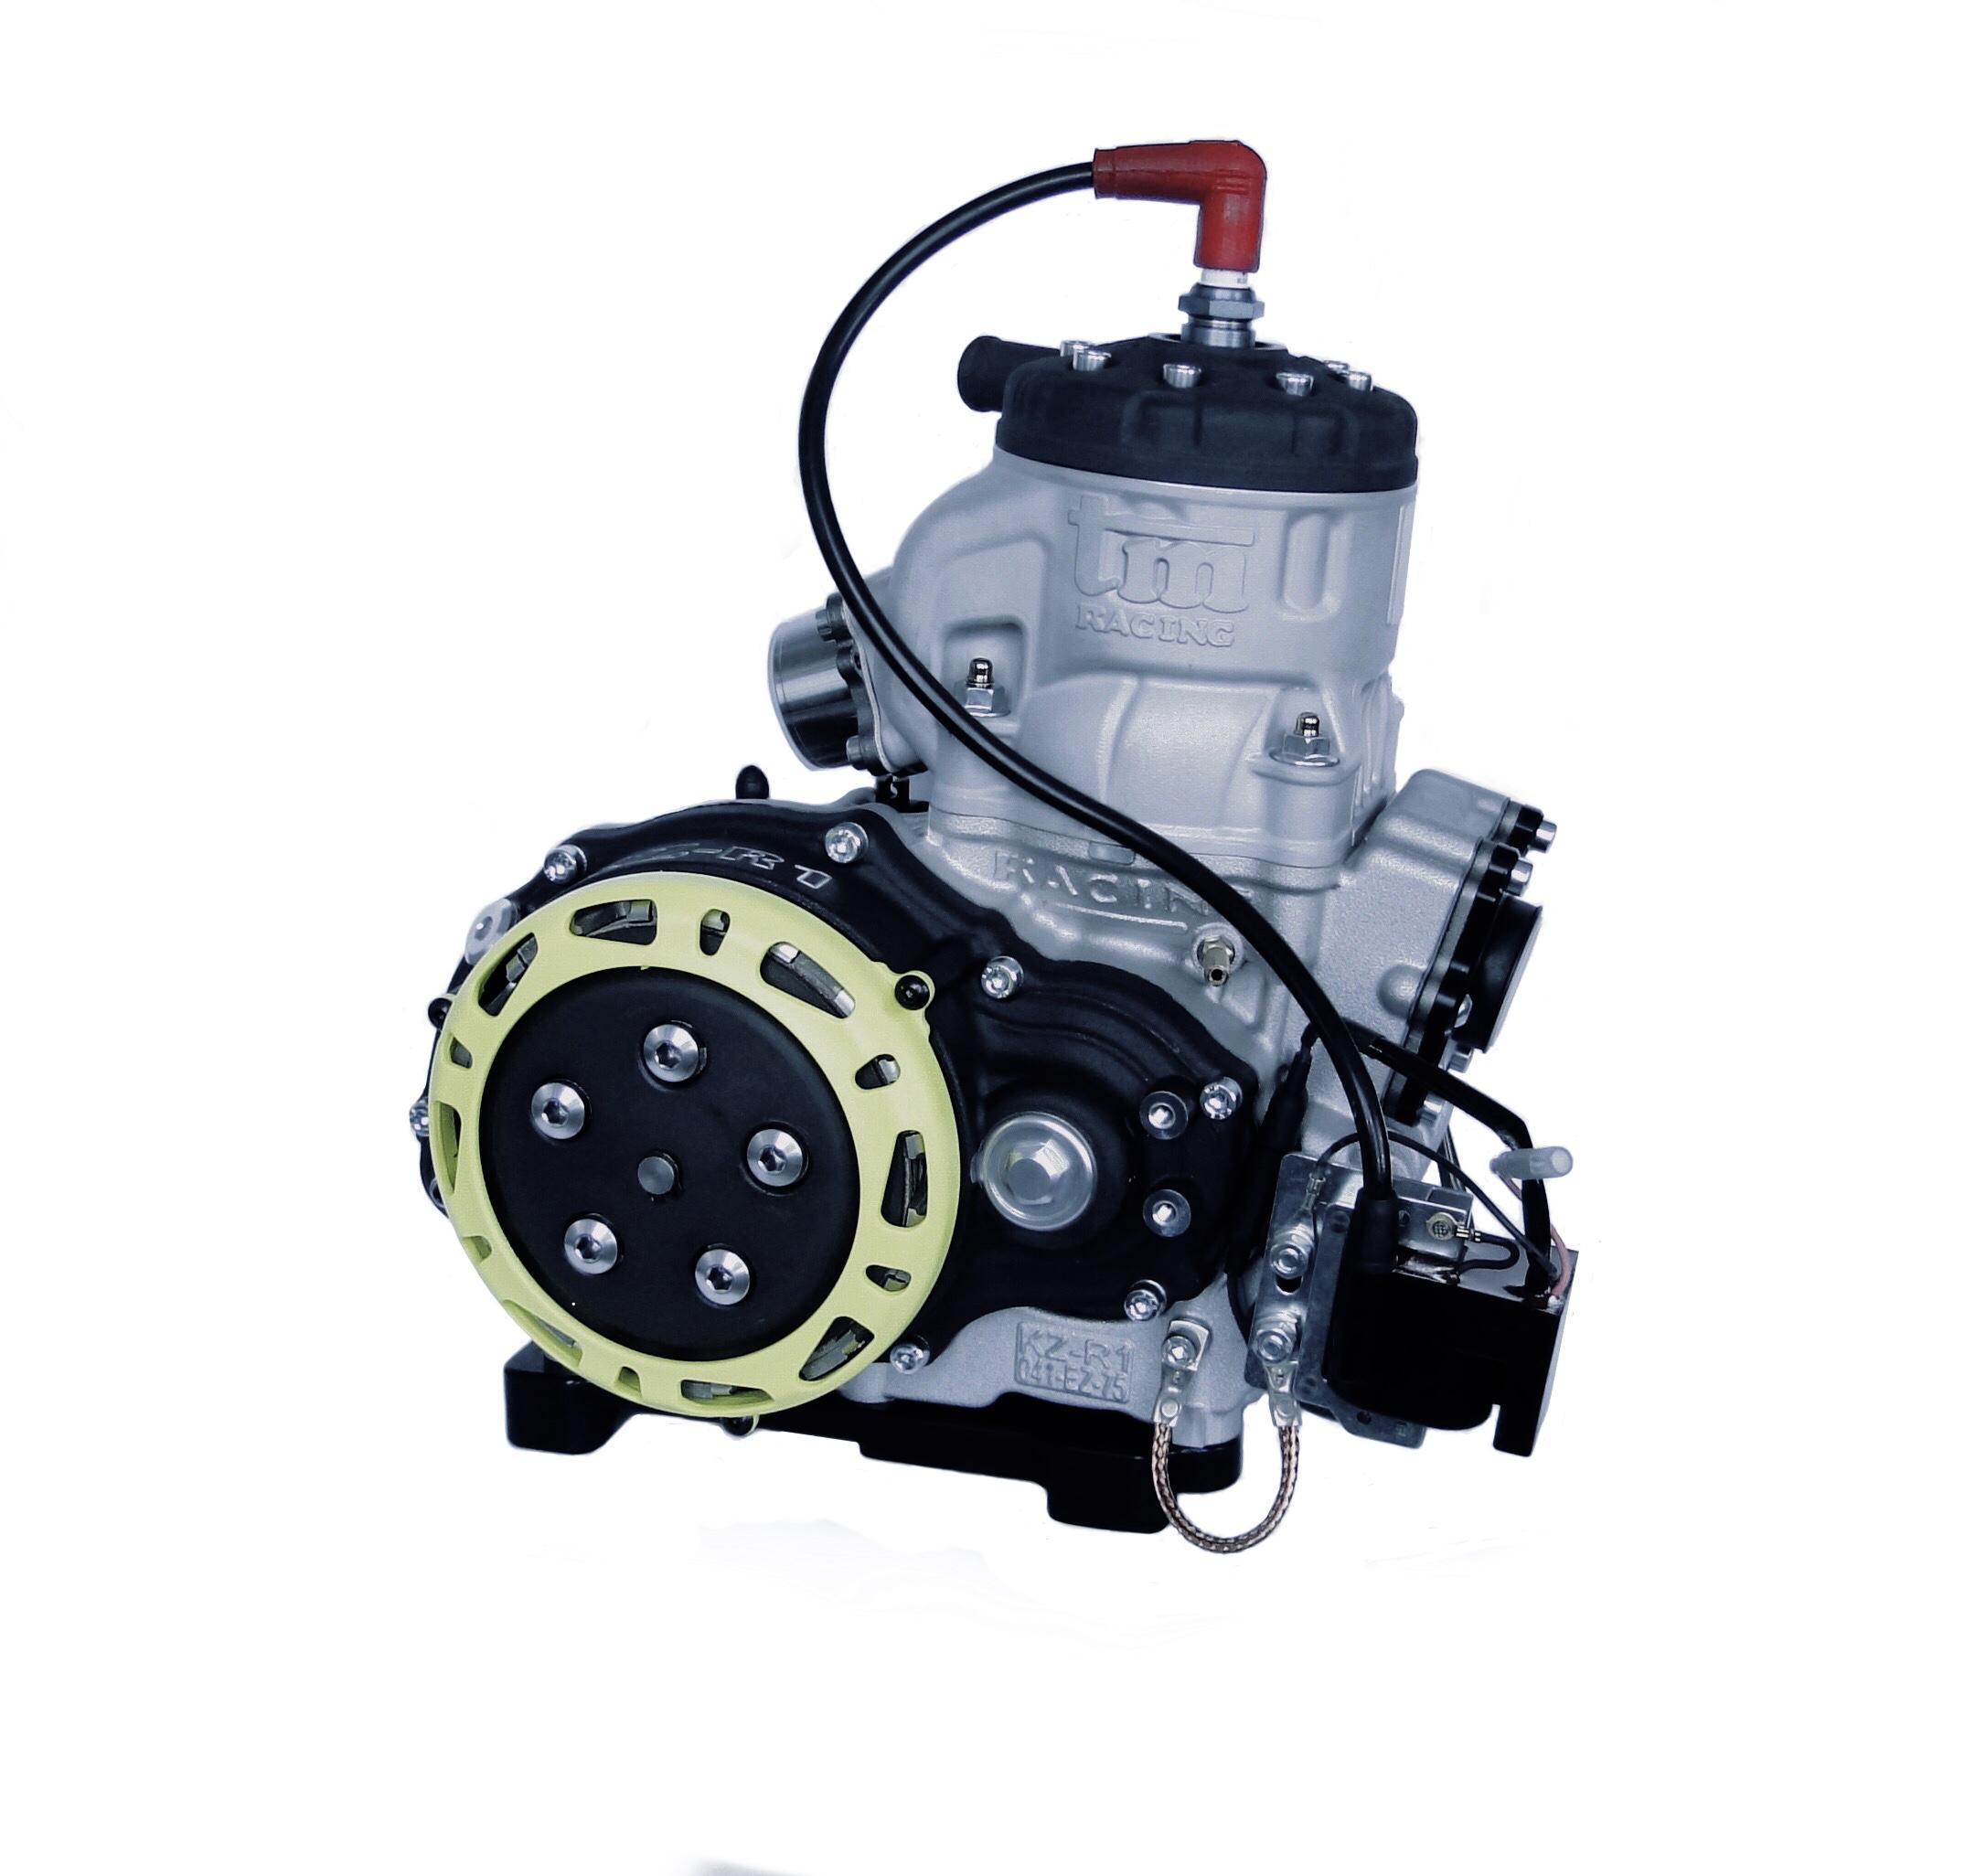 Tm KZ-E1 engine and spare parts